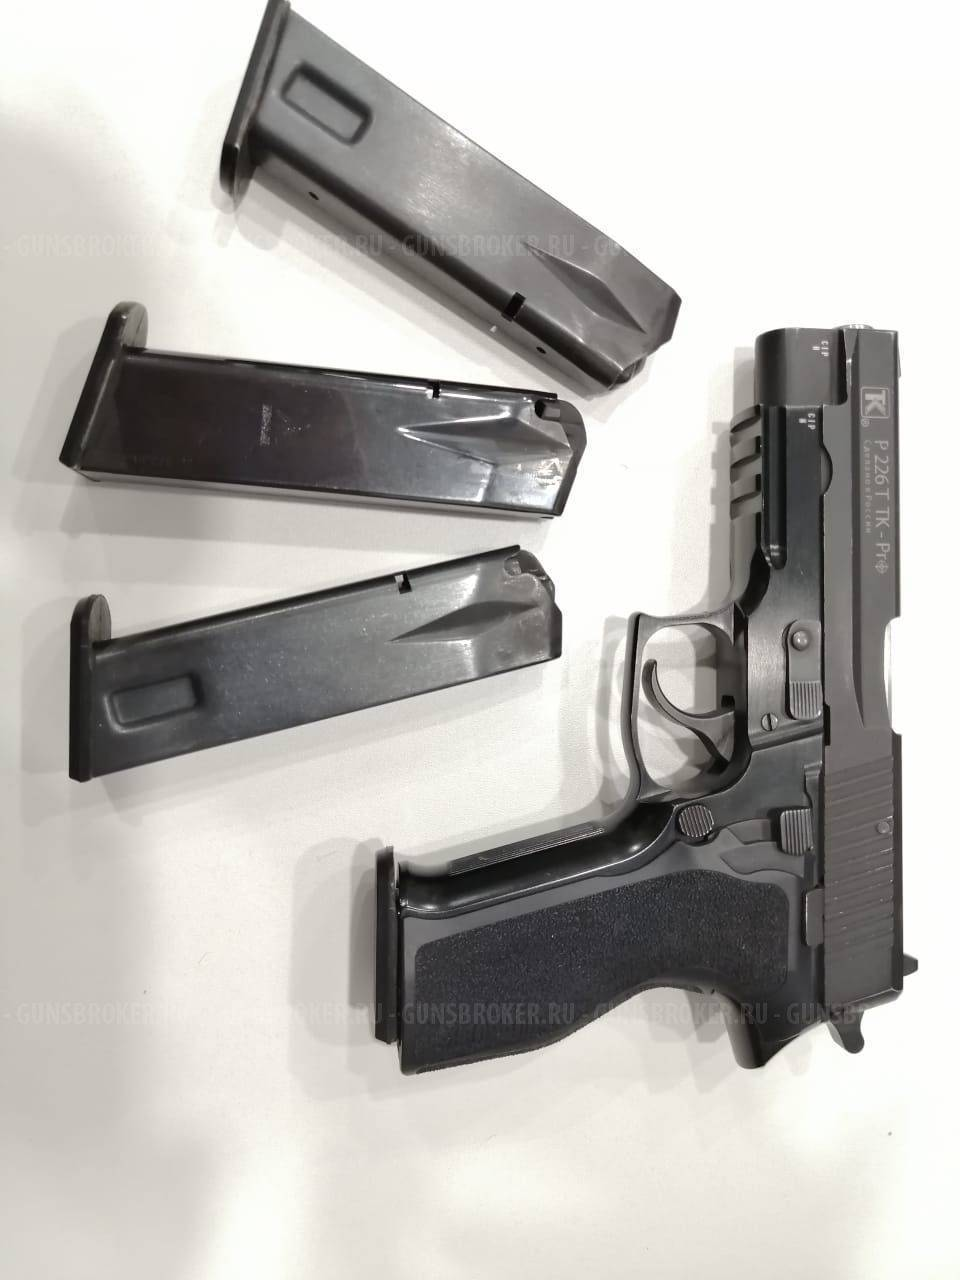 Техкрим р226 тк-pro пистолет — характеристики, фото, ттх